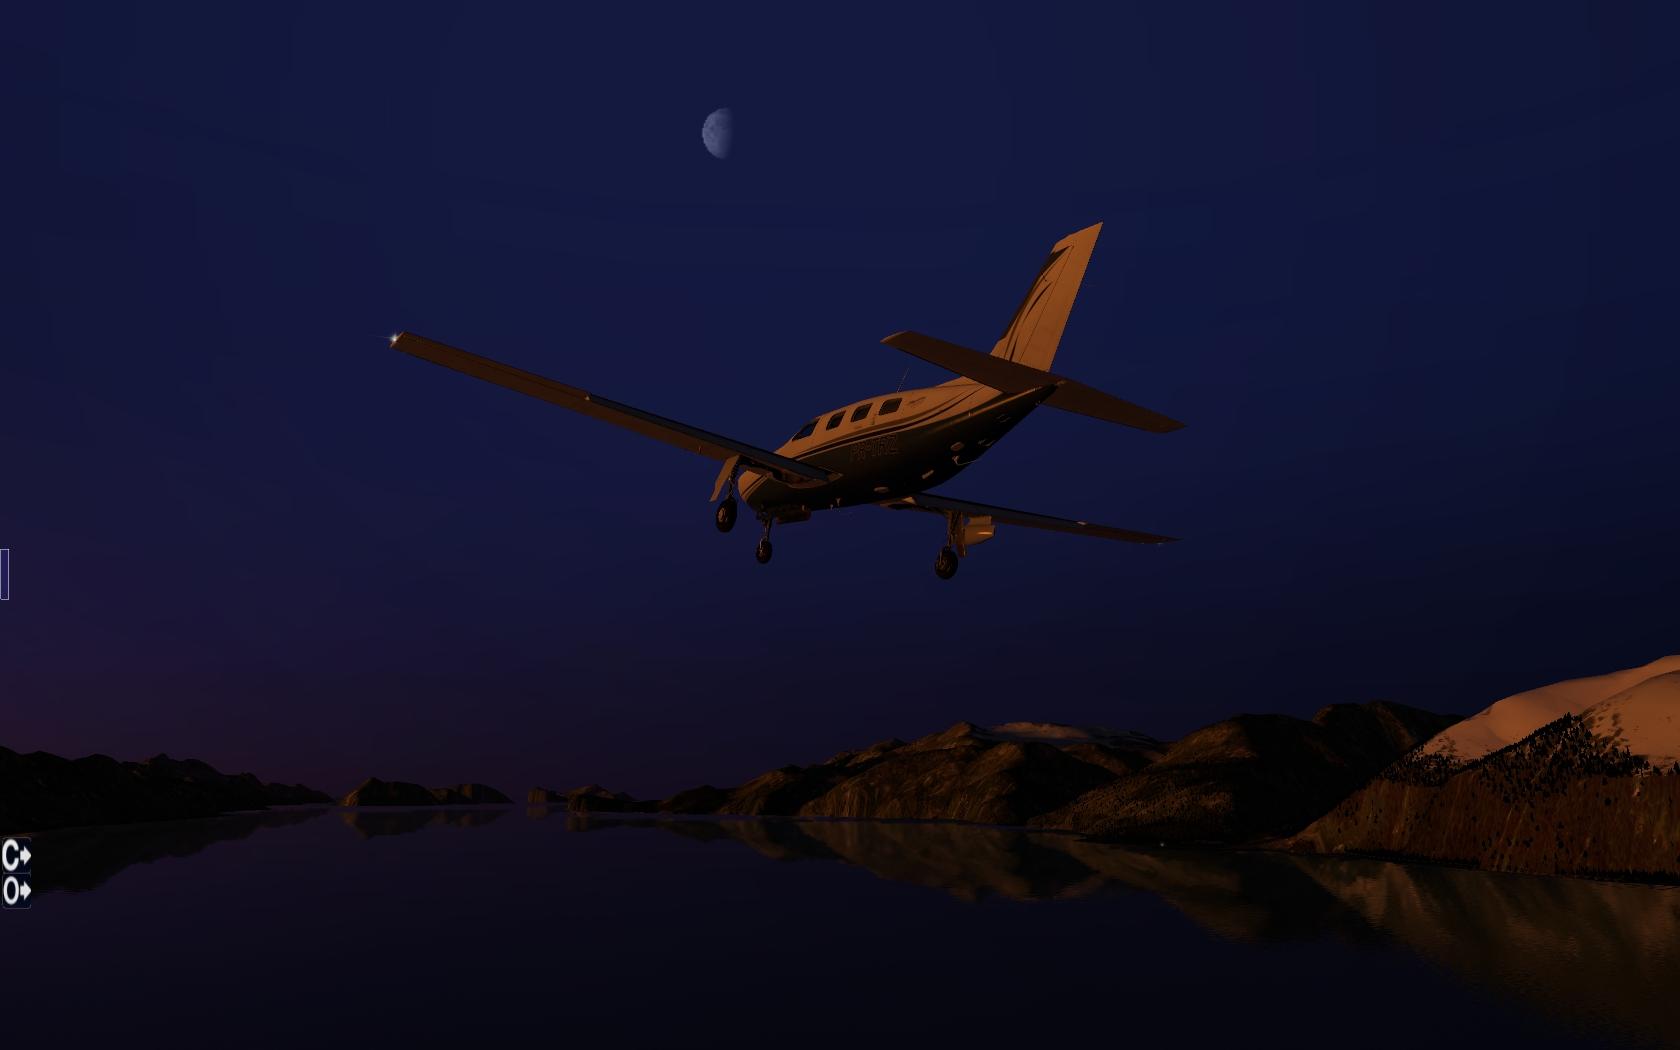 X-Plane 2015-02-21 23-37-09-19.jpg